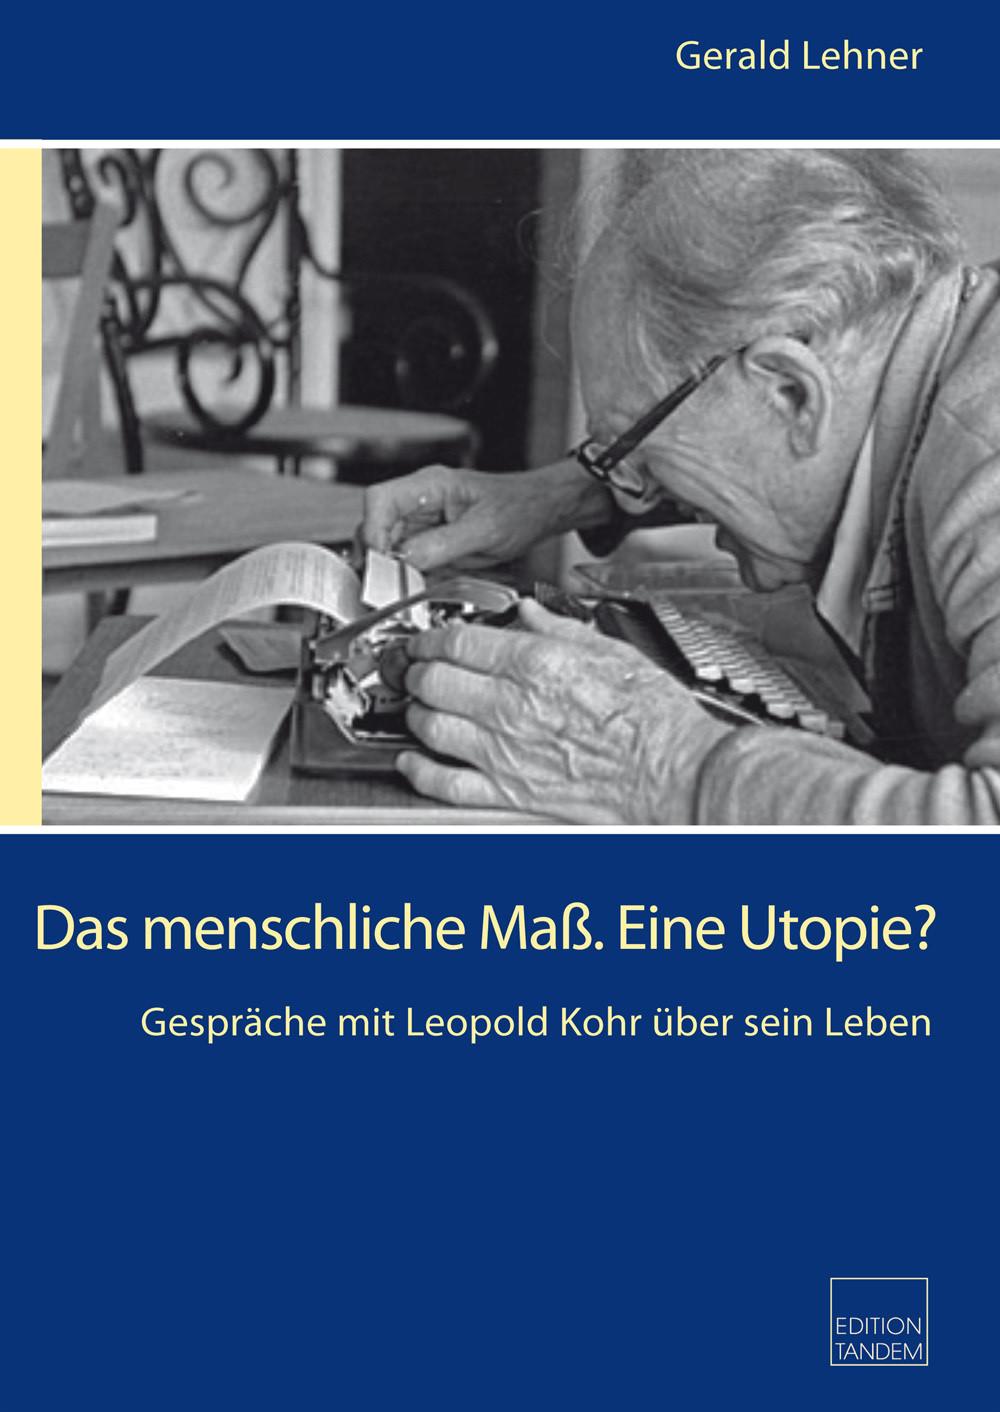 Das menschliche Maß. Eine Utopie? Gespräche mit Leopold Kohr über sein Leben